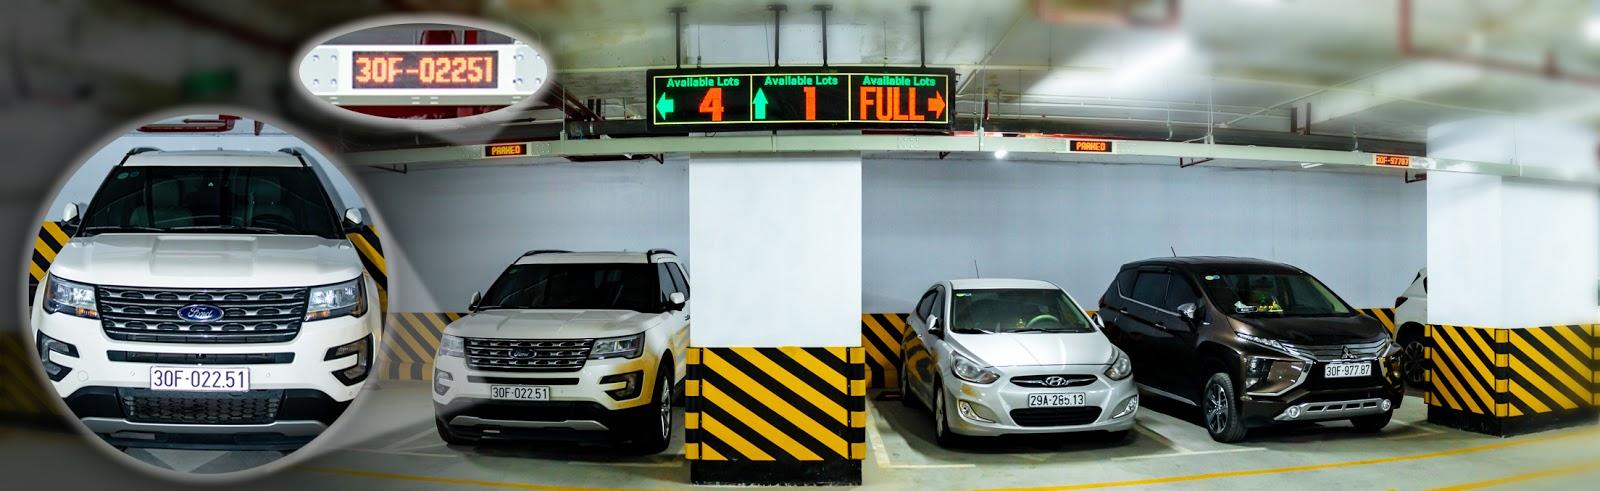 Khám phá bãi đậu xe thông minh bậc nhất Việt Nam  - Ảnh 1